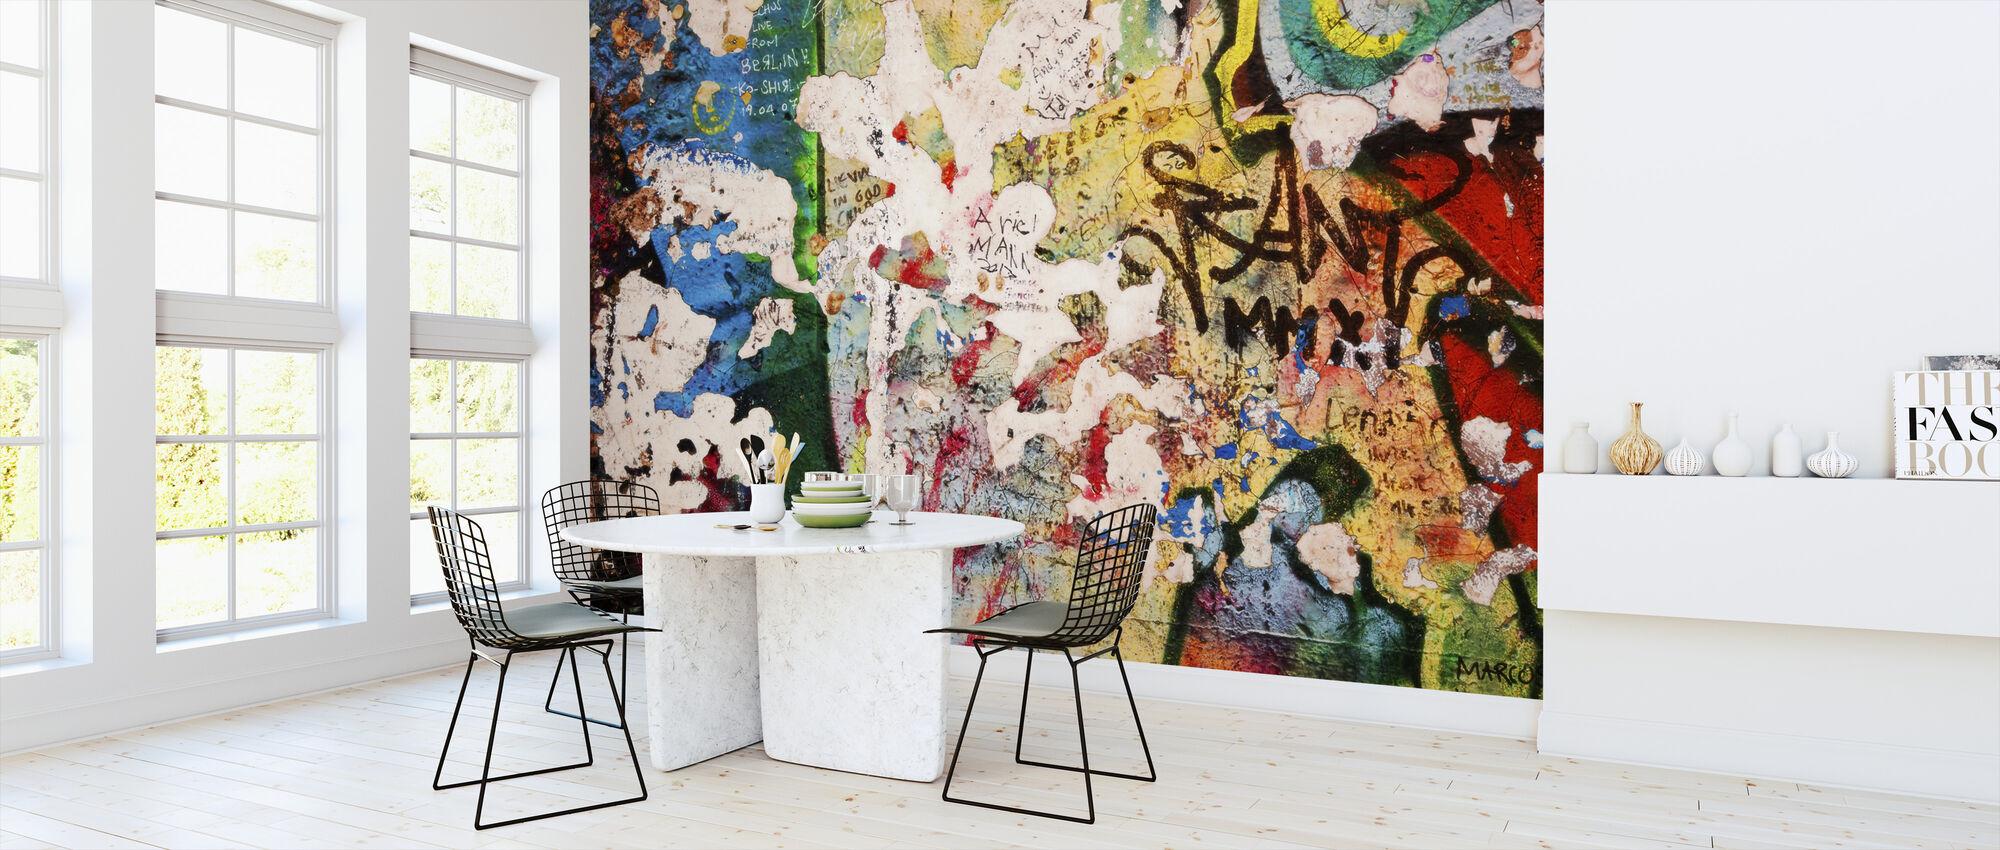 Teil der Berliner Mauer mit Grunge Graffiti - Potsdamer Platz - Tapete - Küchen